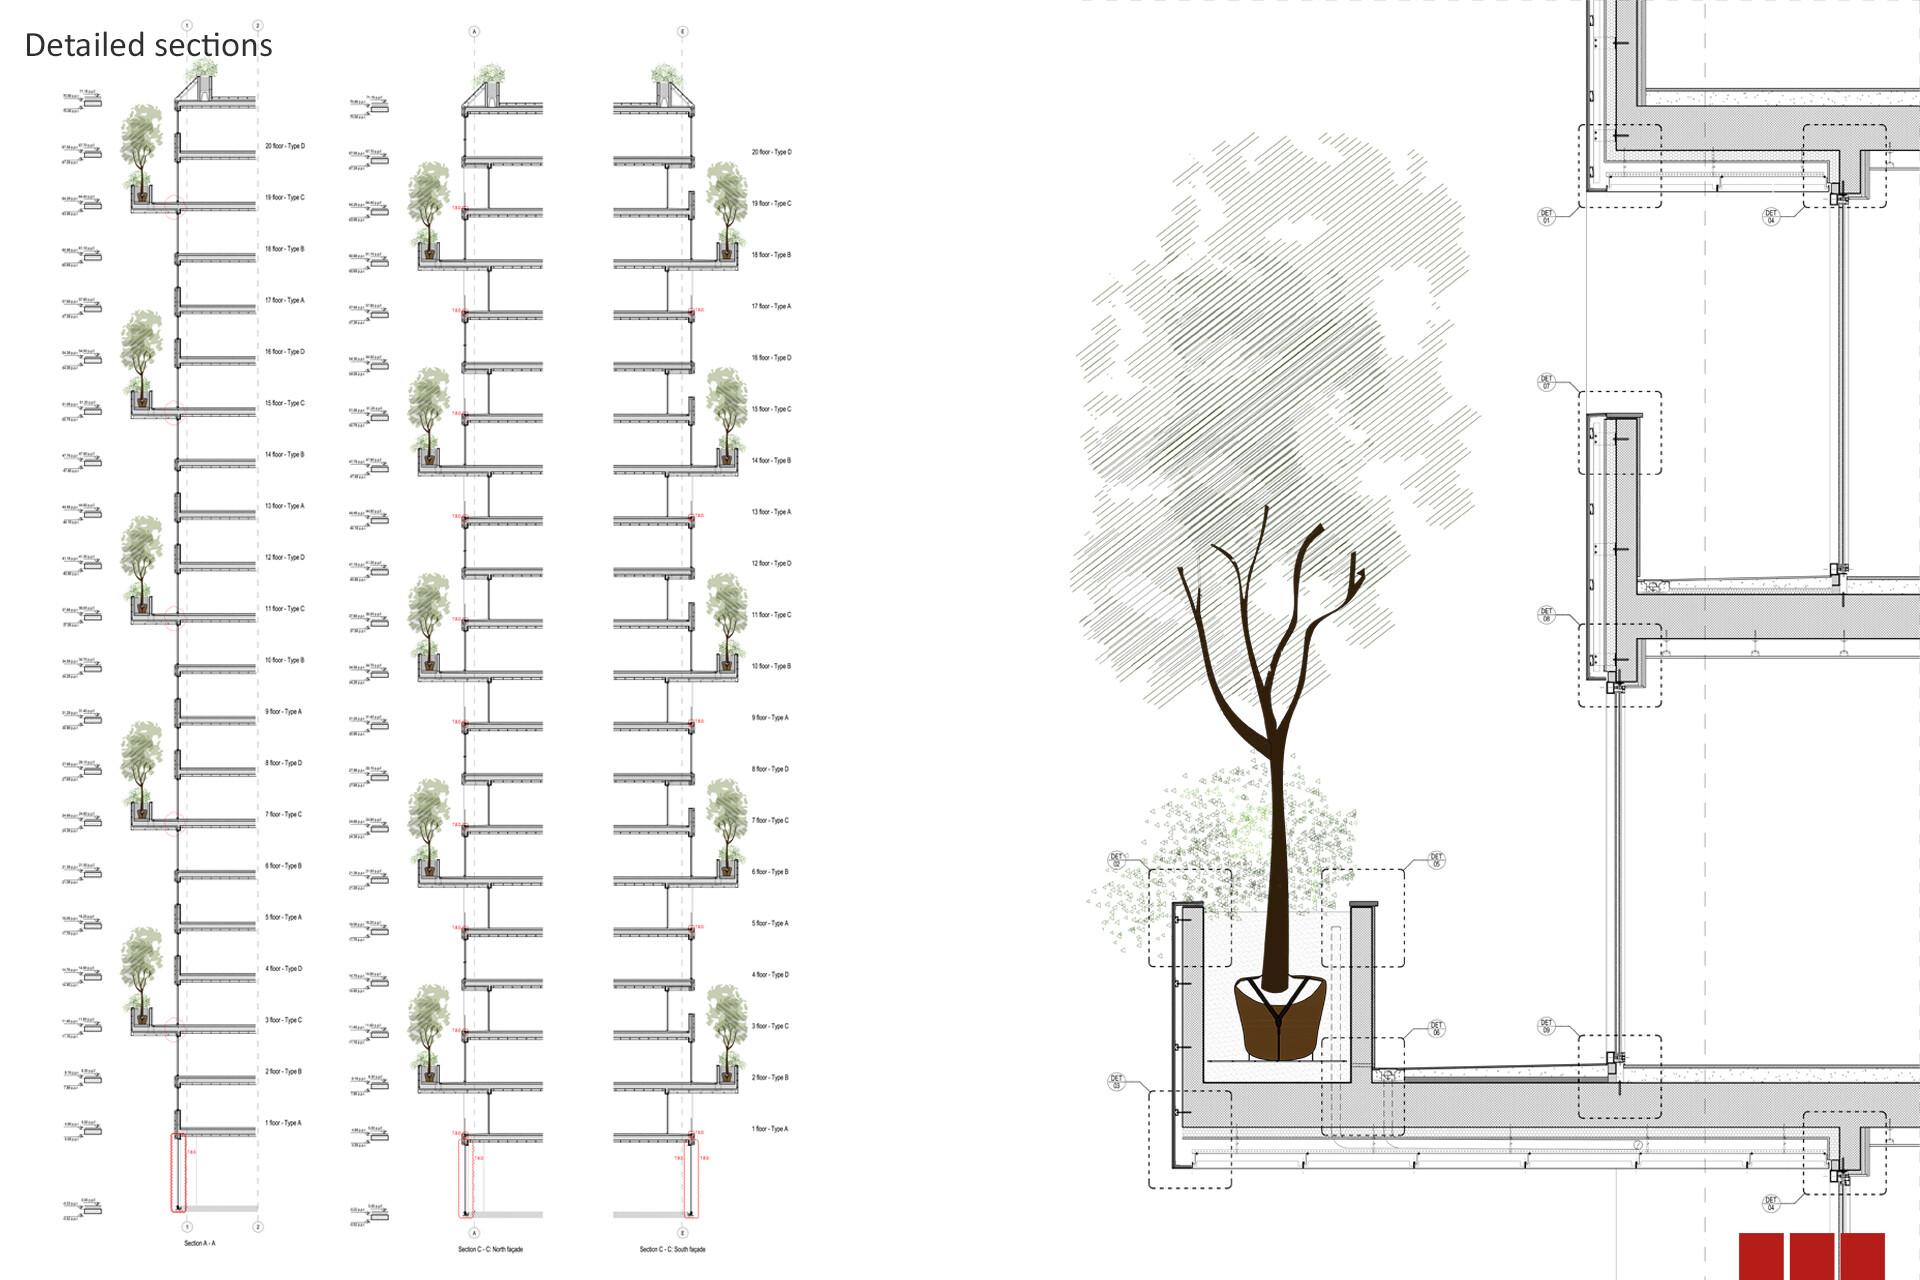 Progettazione facciate Bosco Verticale Tirana